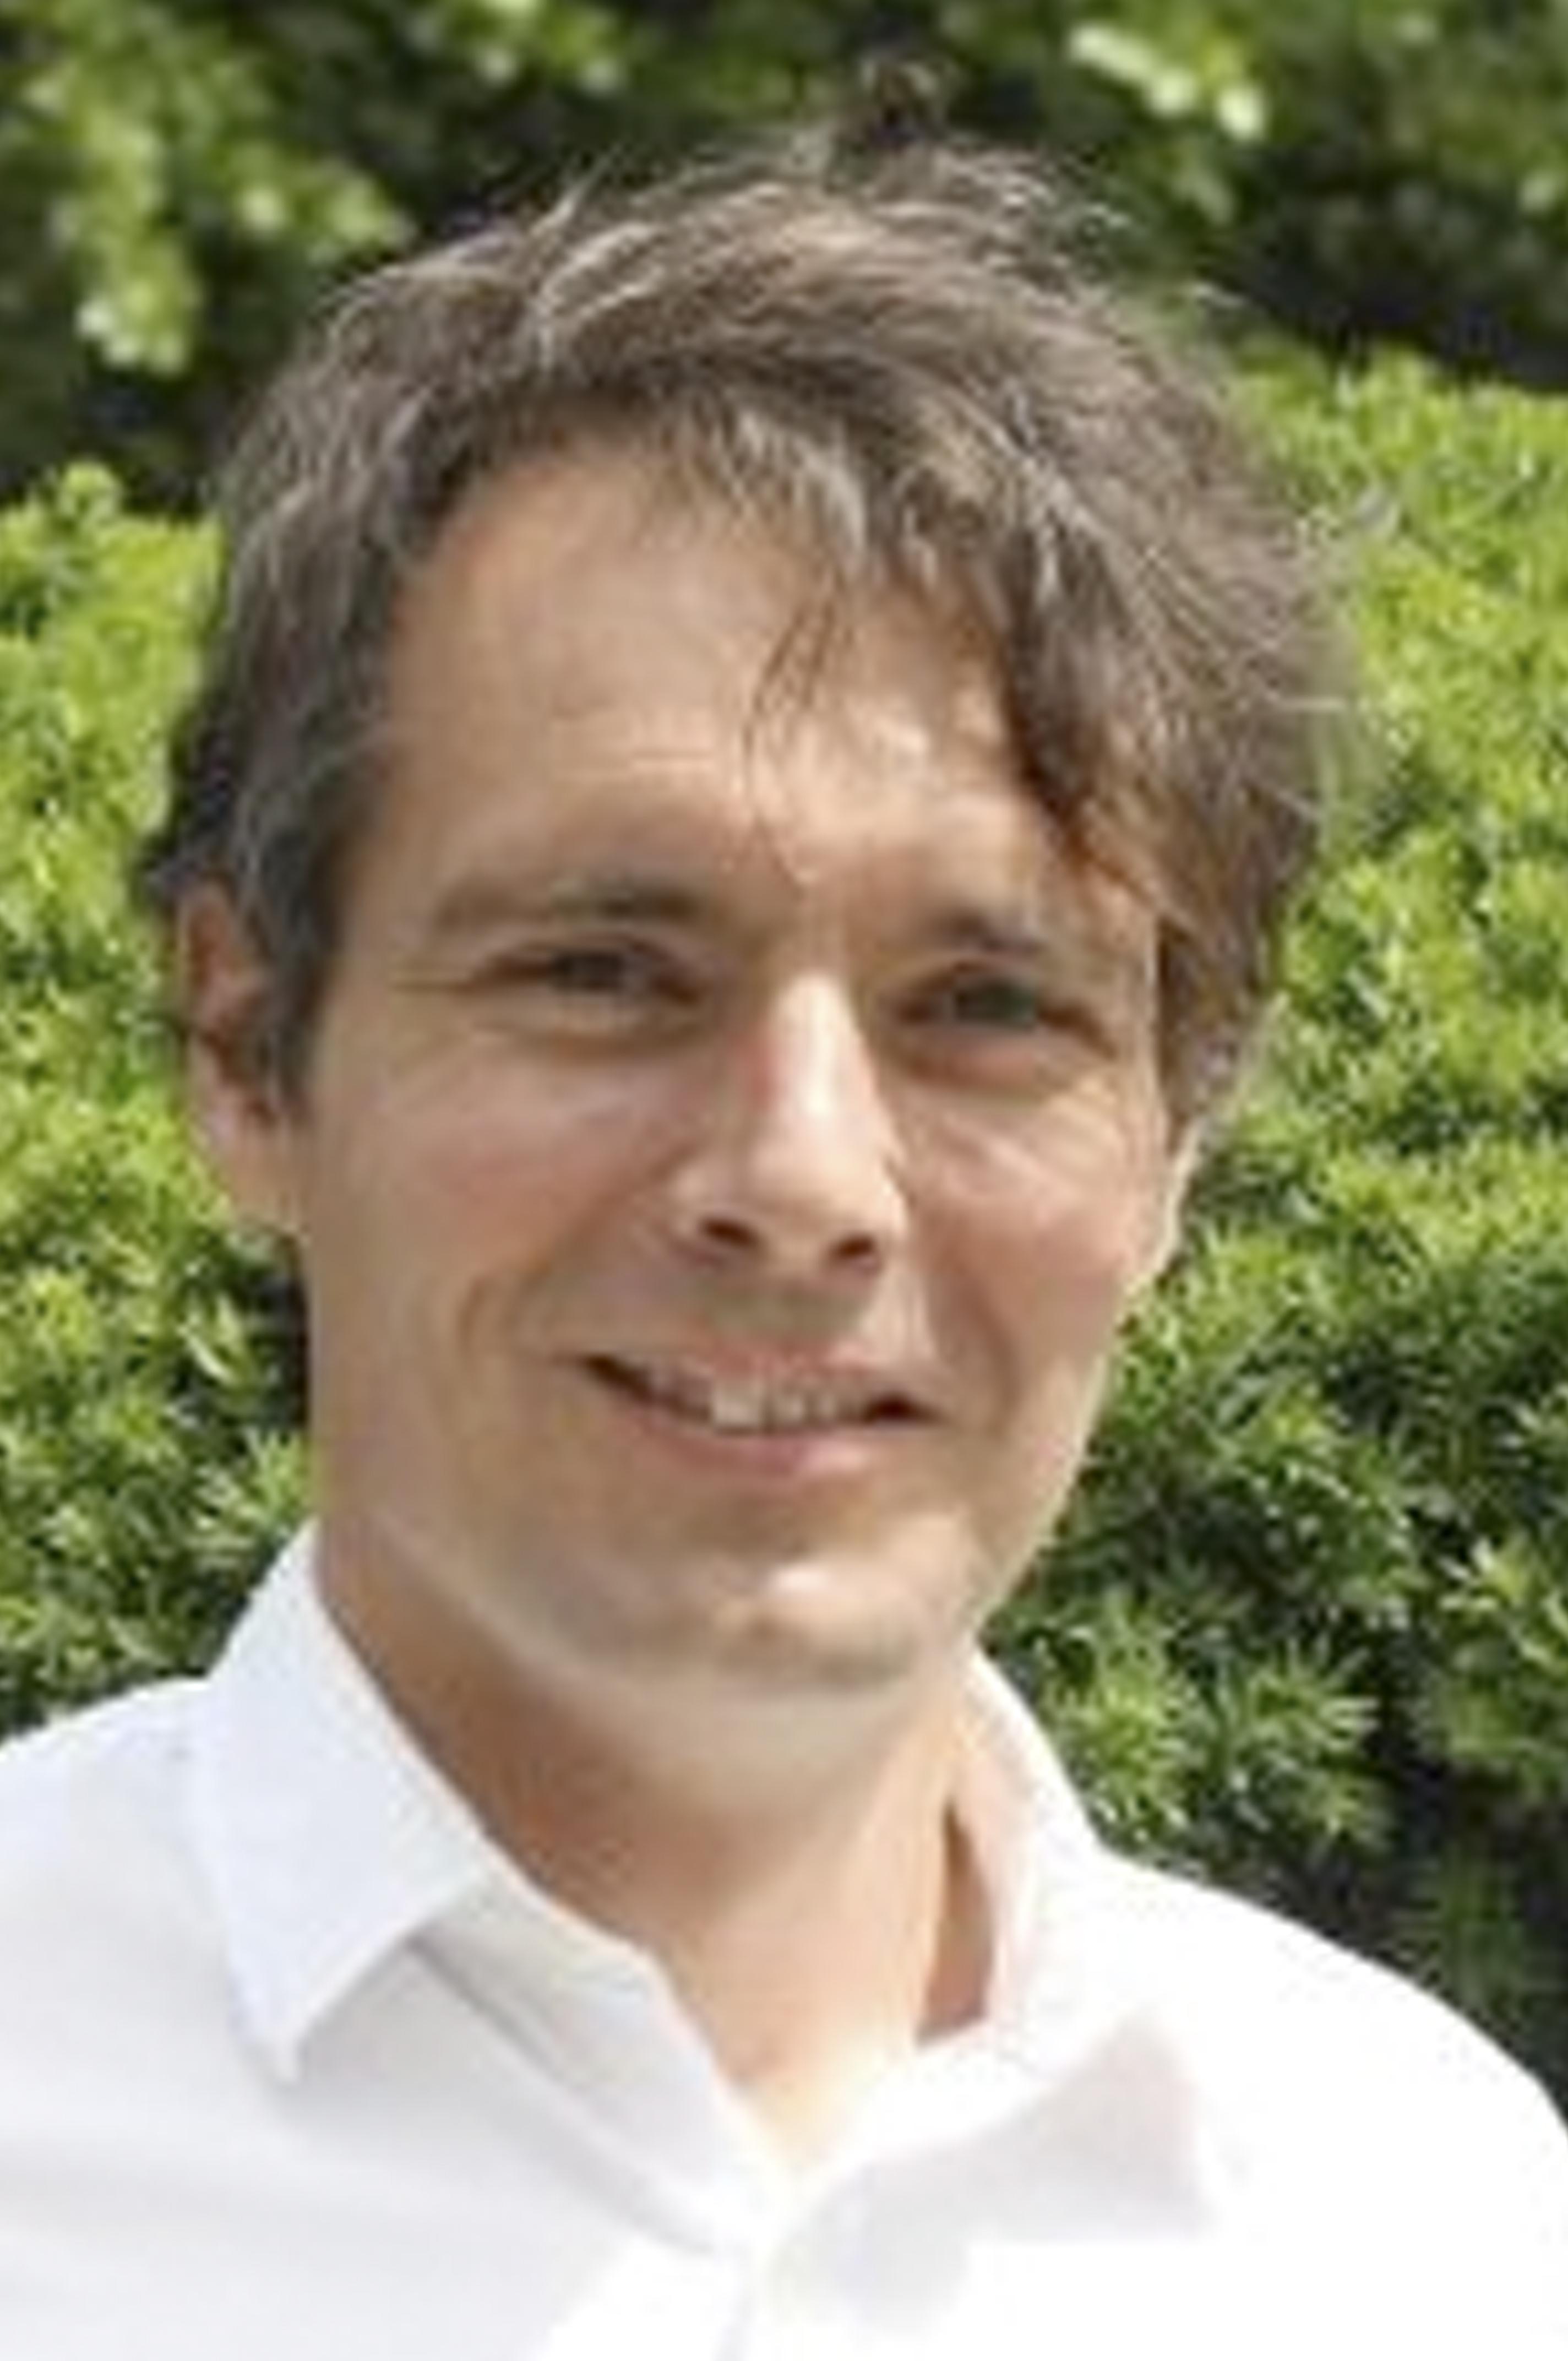 Lars Gundlach